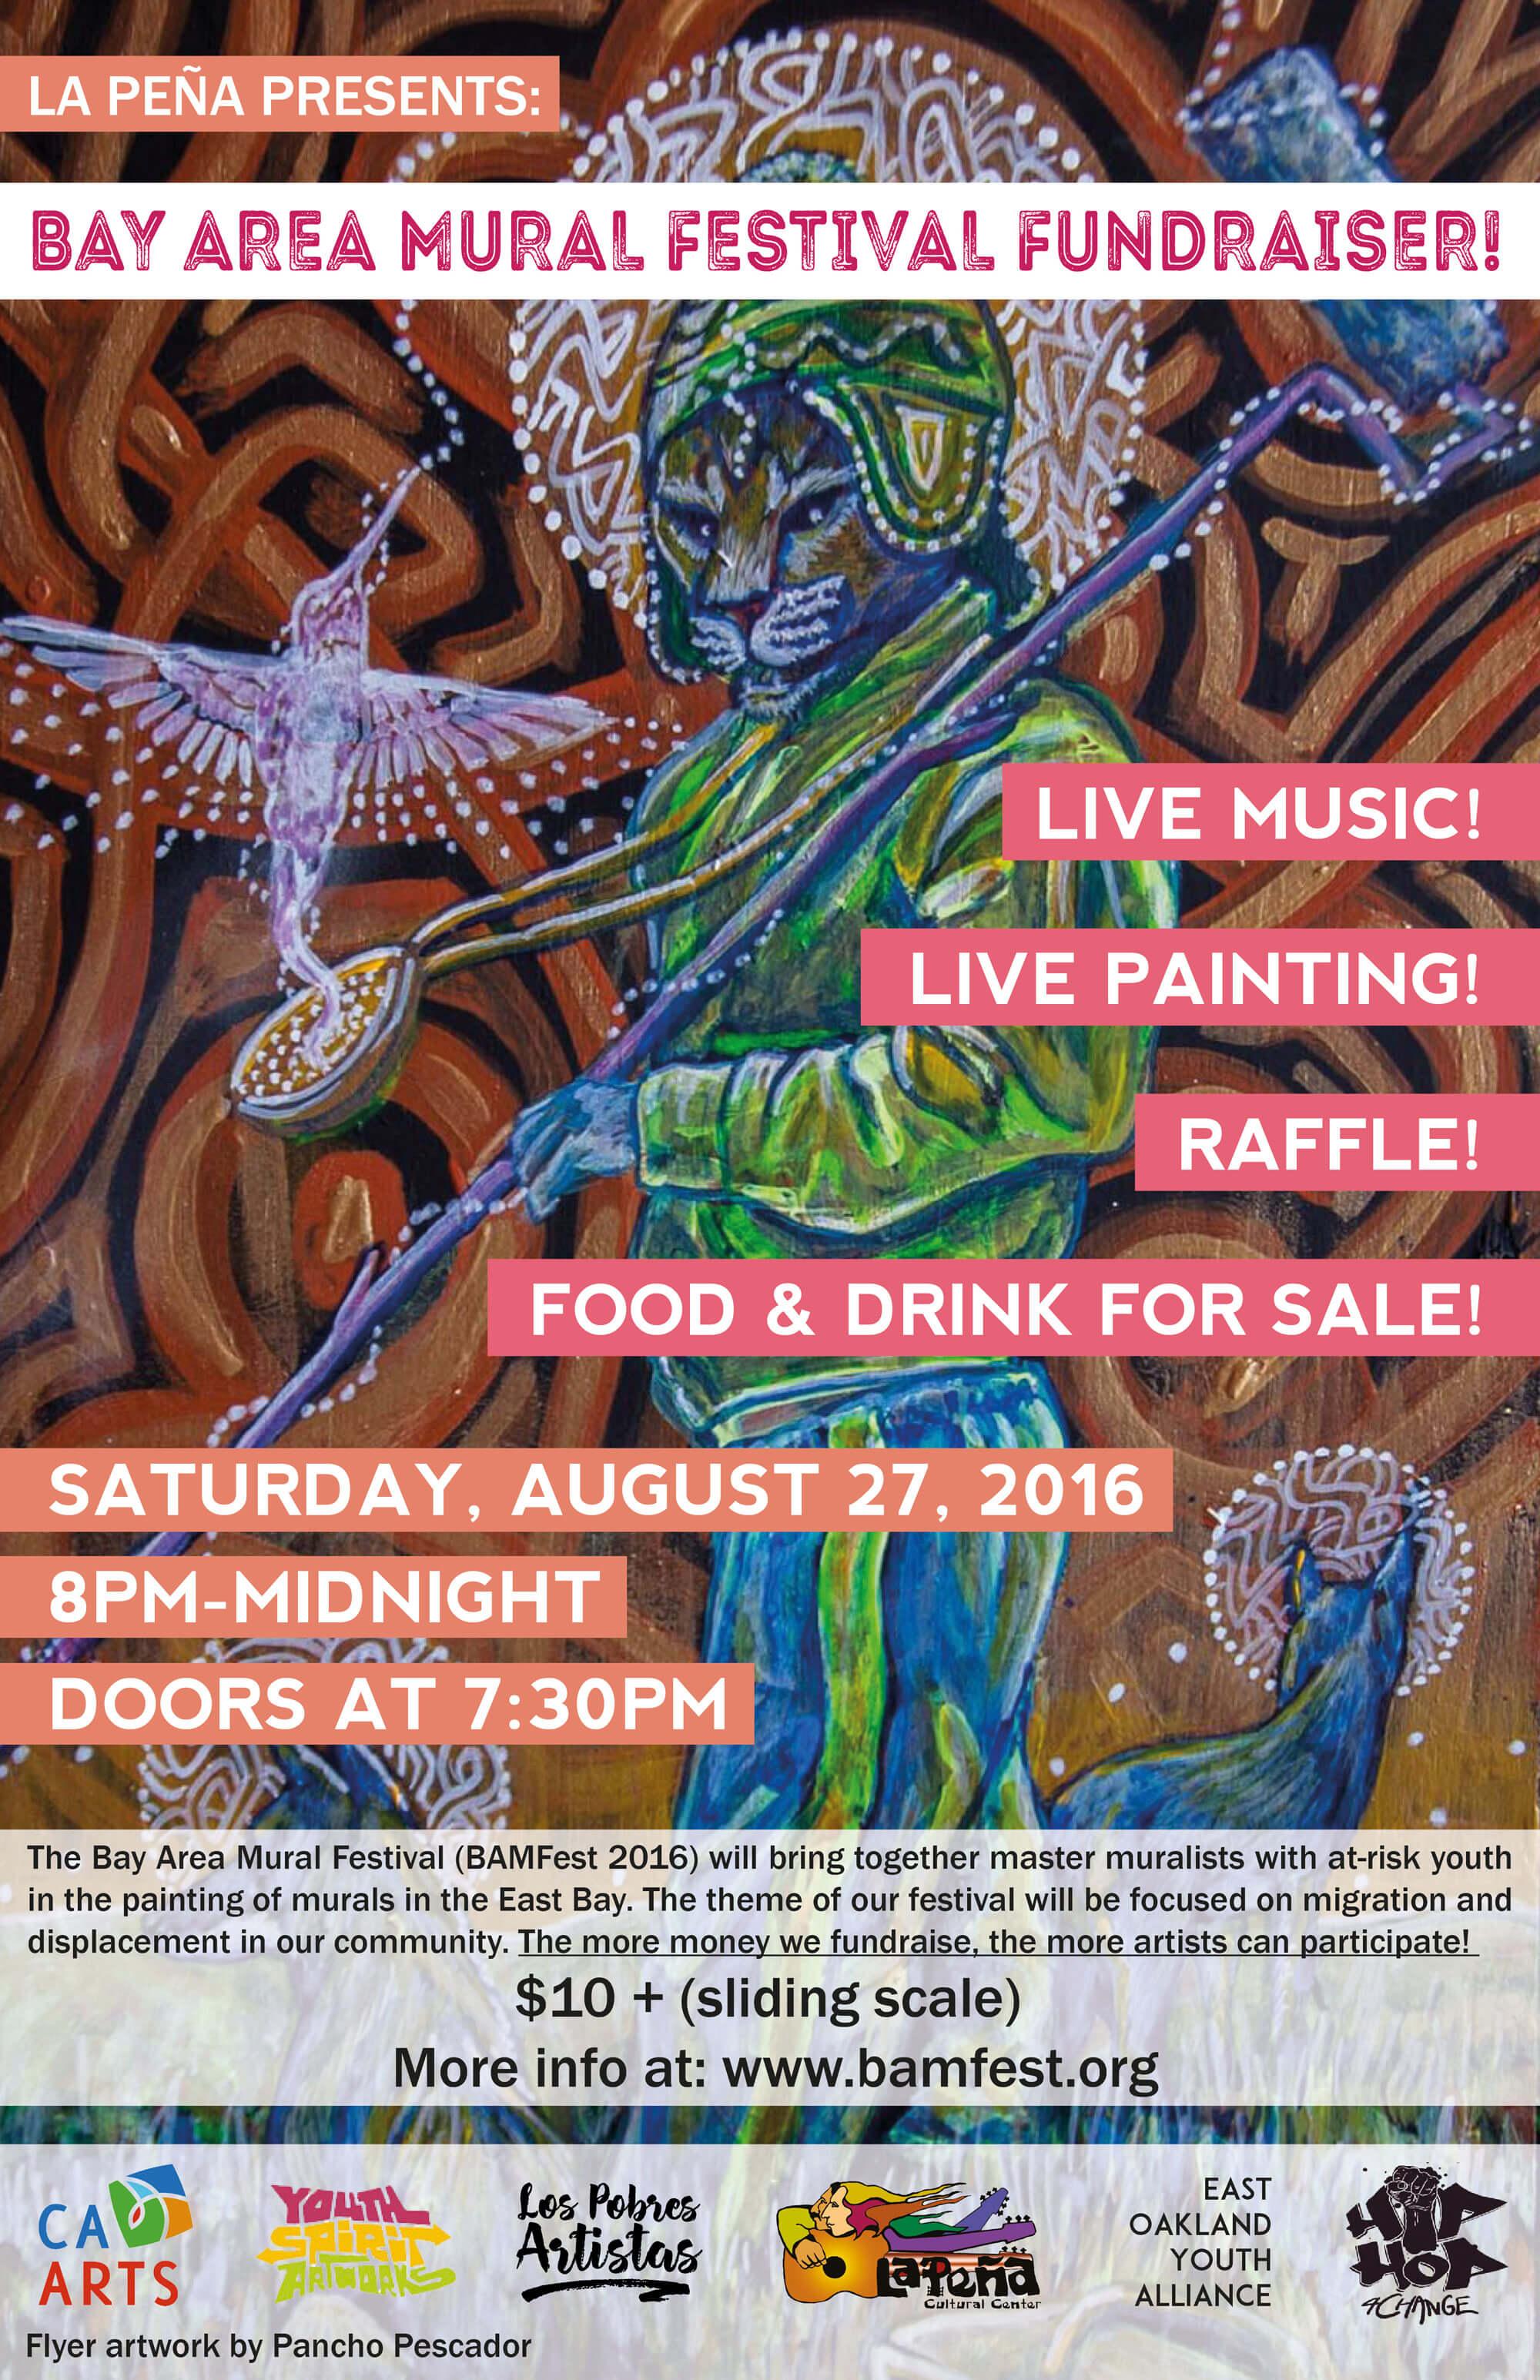 bamfest_fundraiser